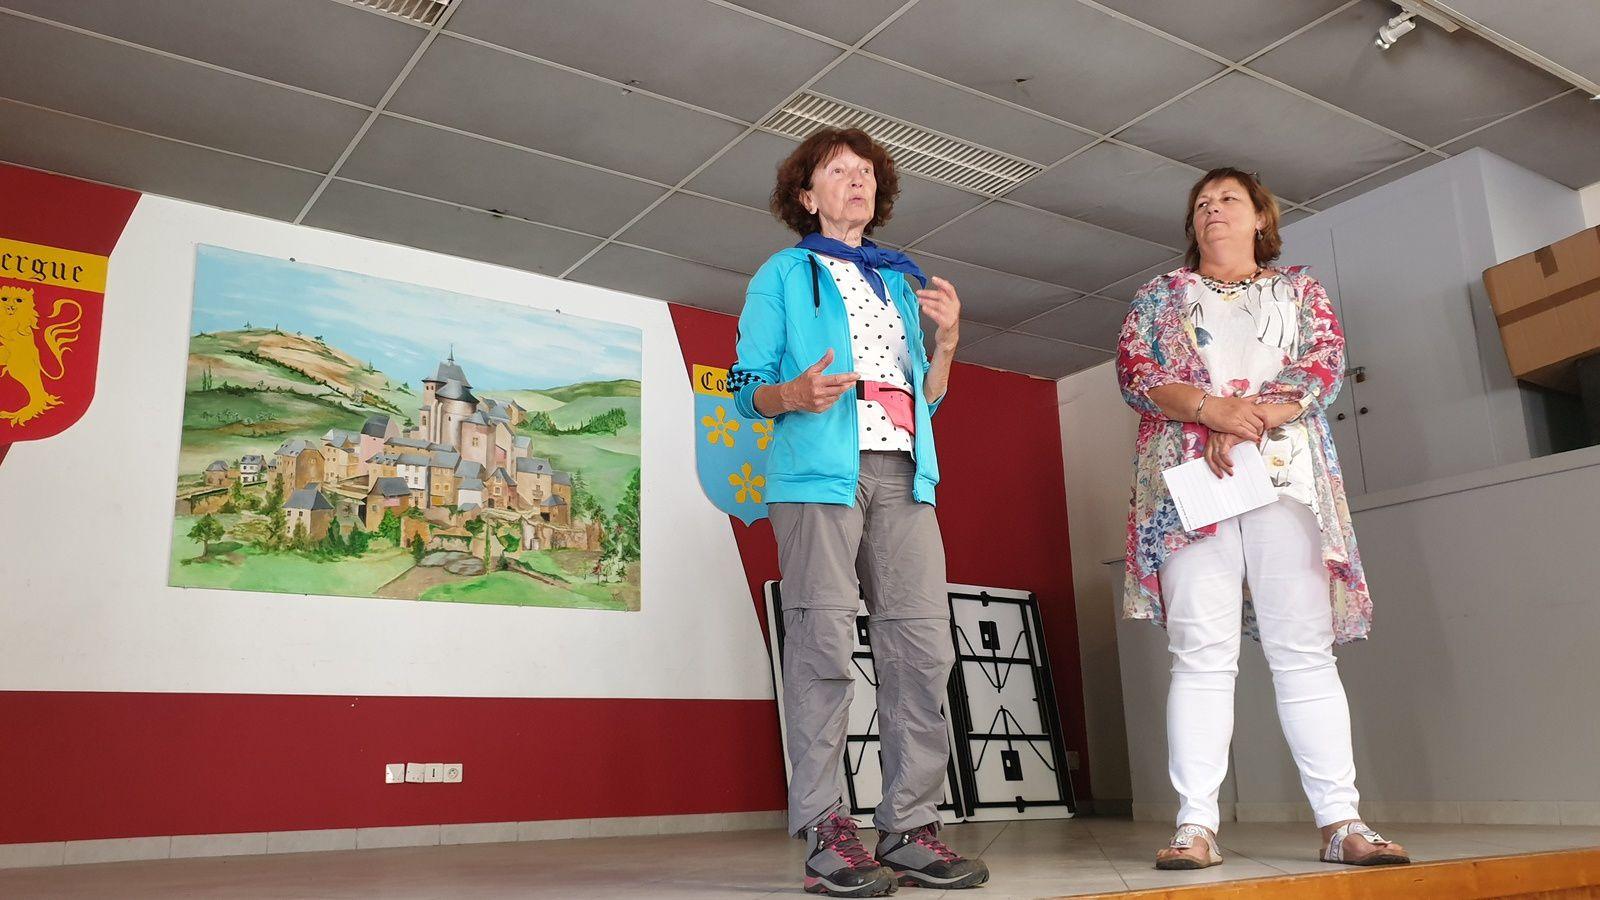 L'apéritif est offert par Mme Azémar Maire de Coubisou qui nous accueille sur sa commune, en compagnie ici de Régine présidente du club Estagnol..